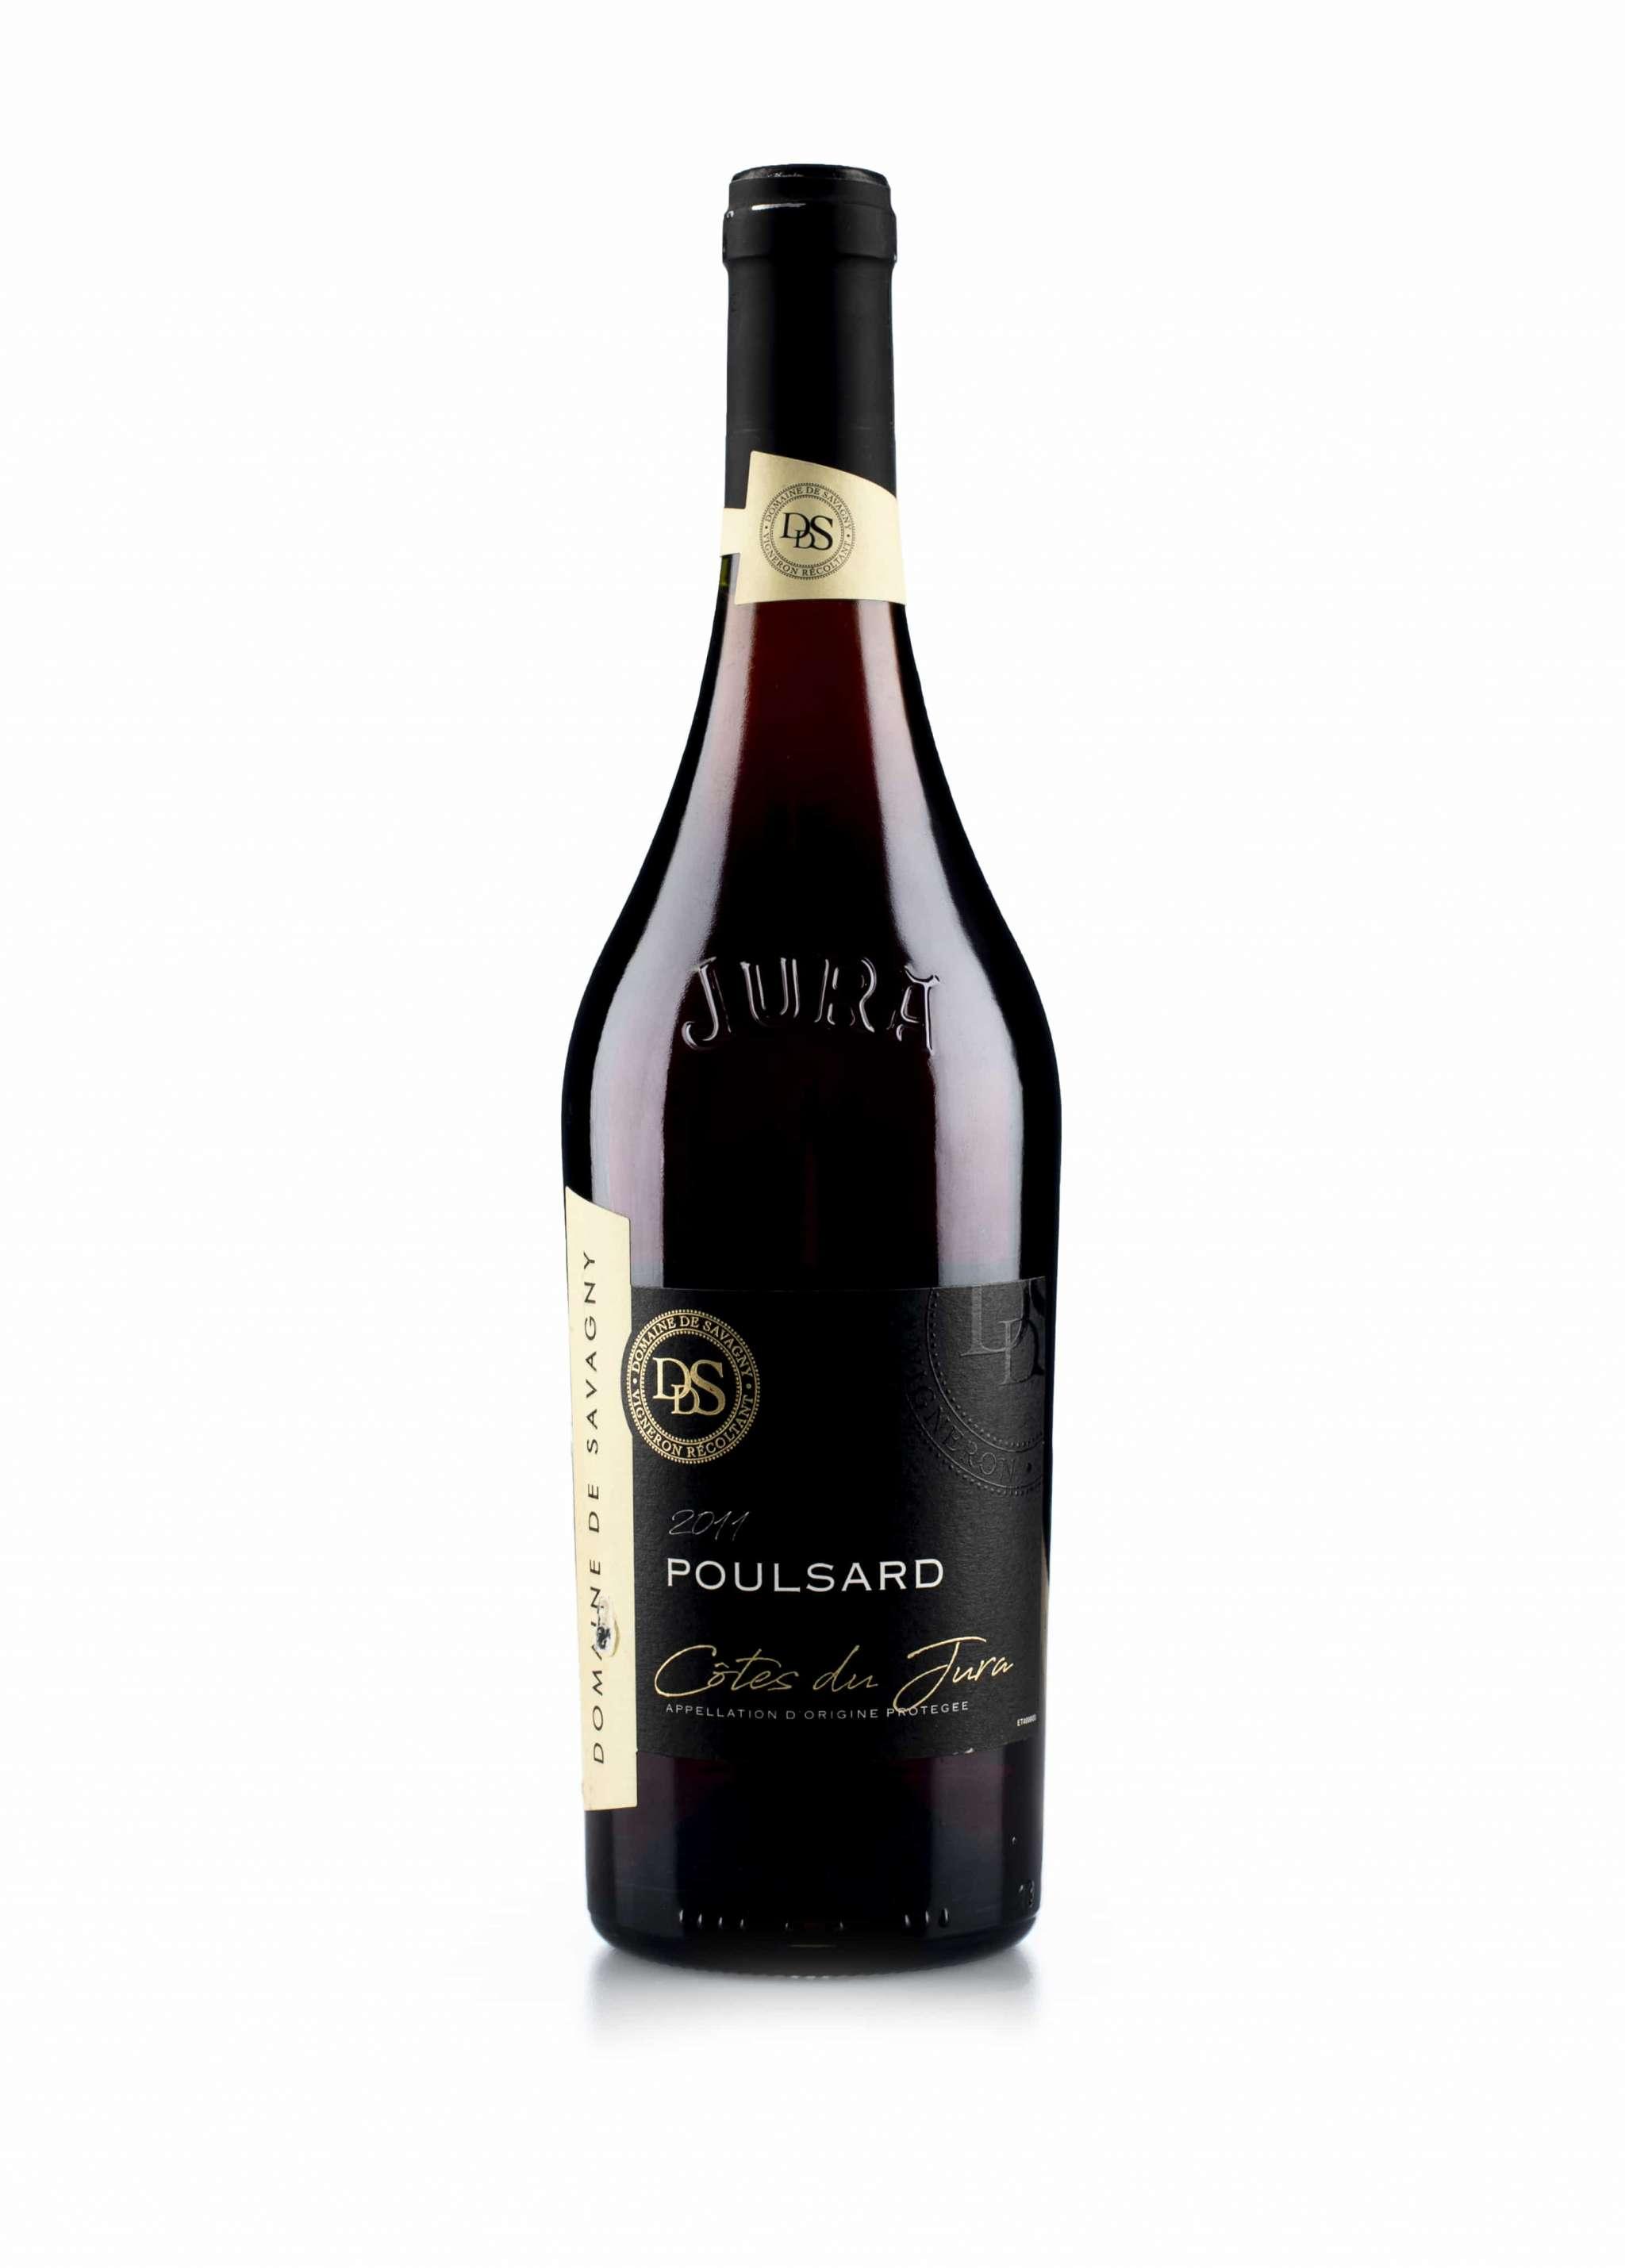 Franse rode wijn van wijndomein Domaine de Savagny: Poulsard